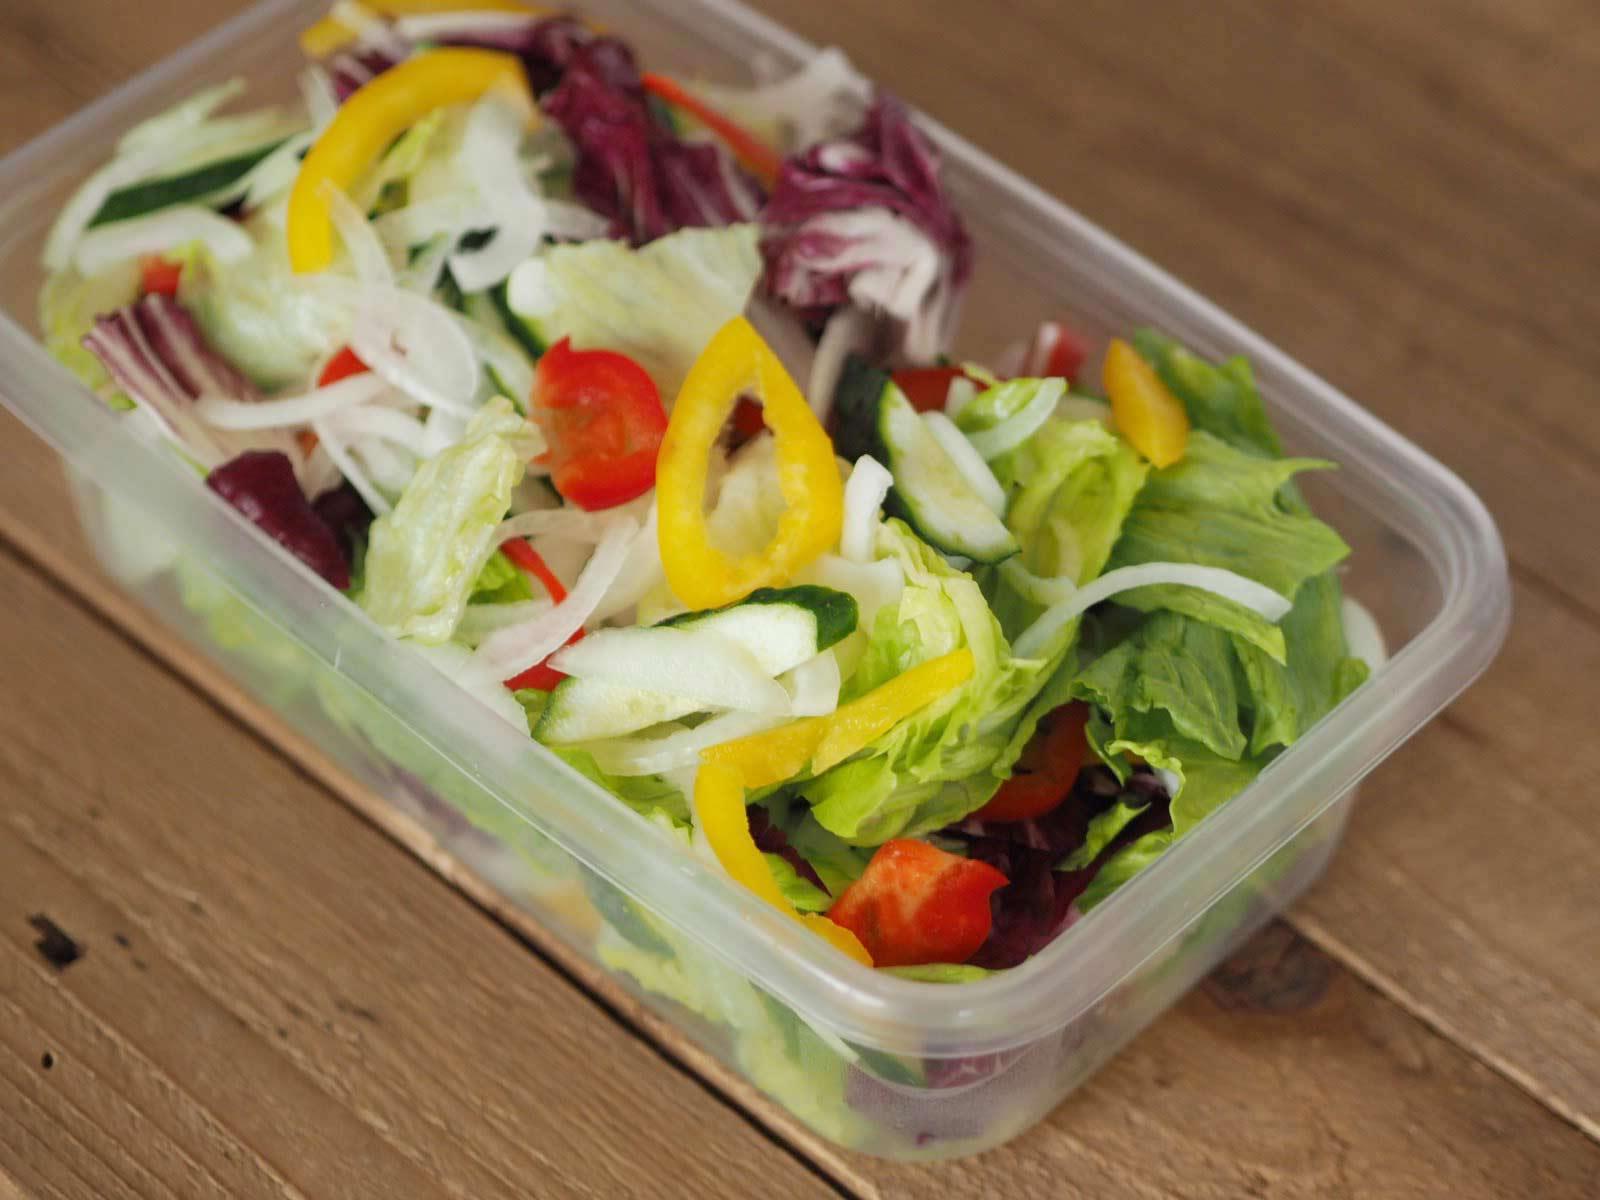 自分で作る生野菜ミックス